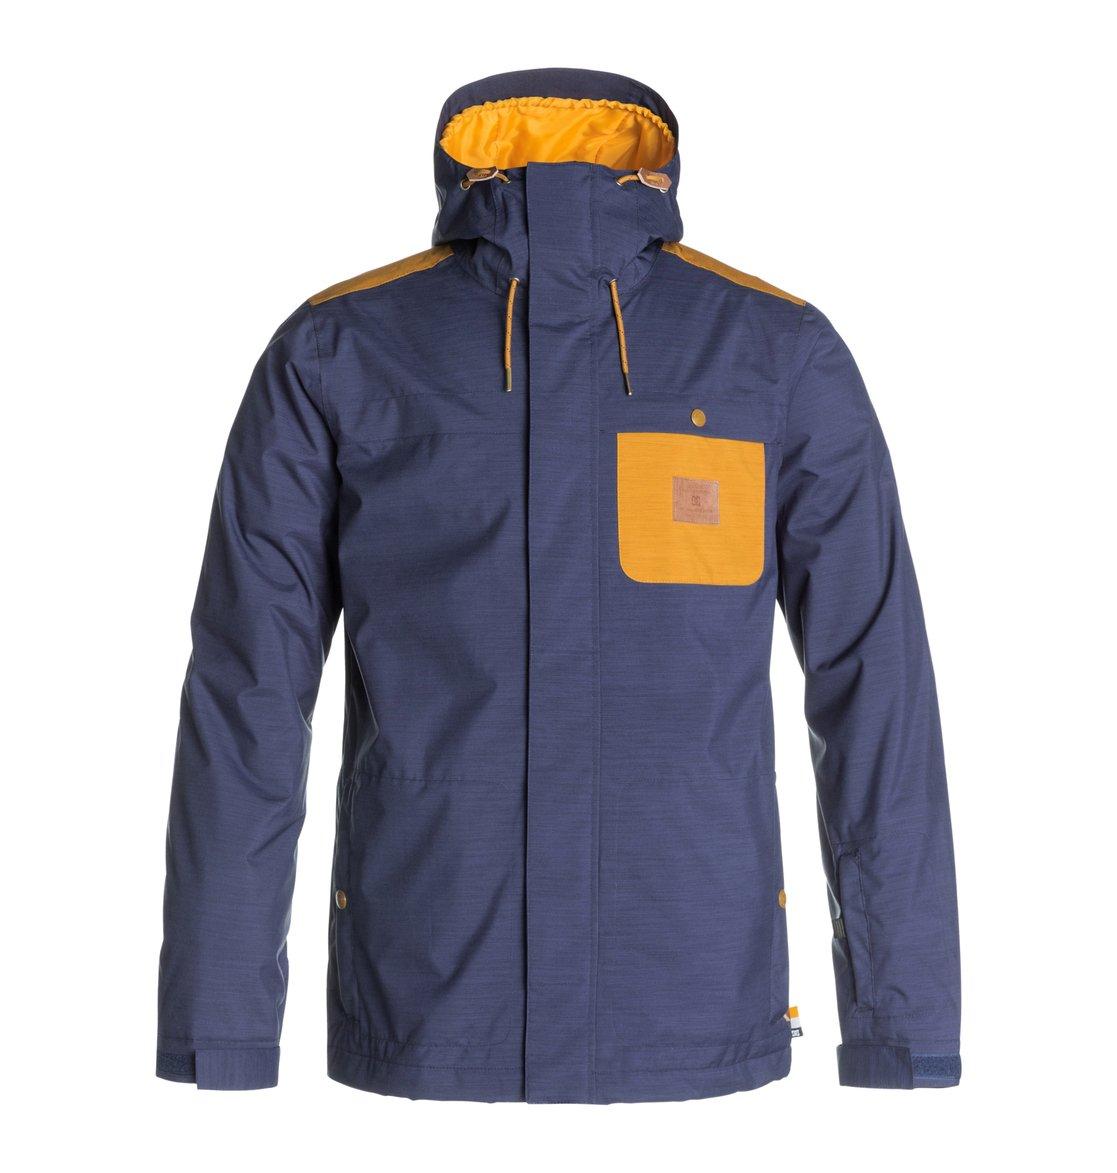 Здесь можно купить   Delinquent Куртки для сноуборда